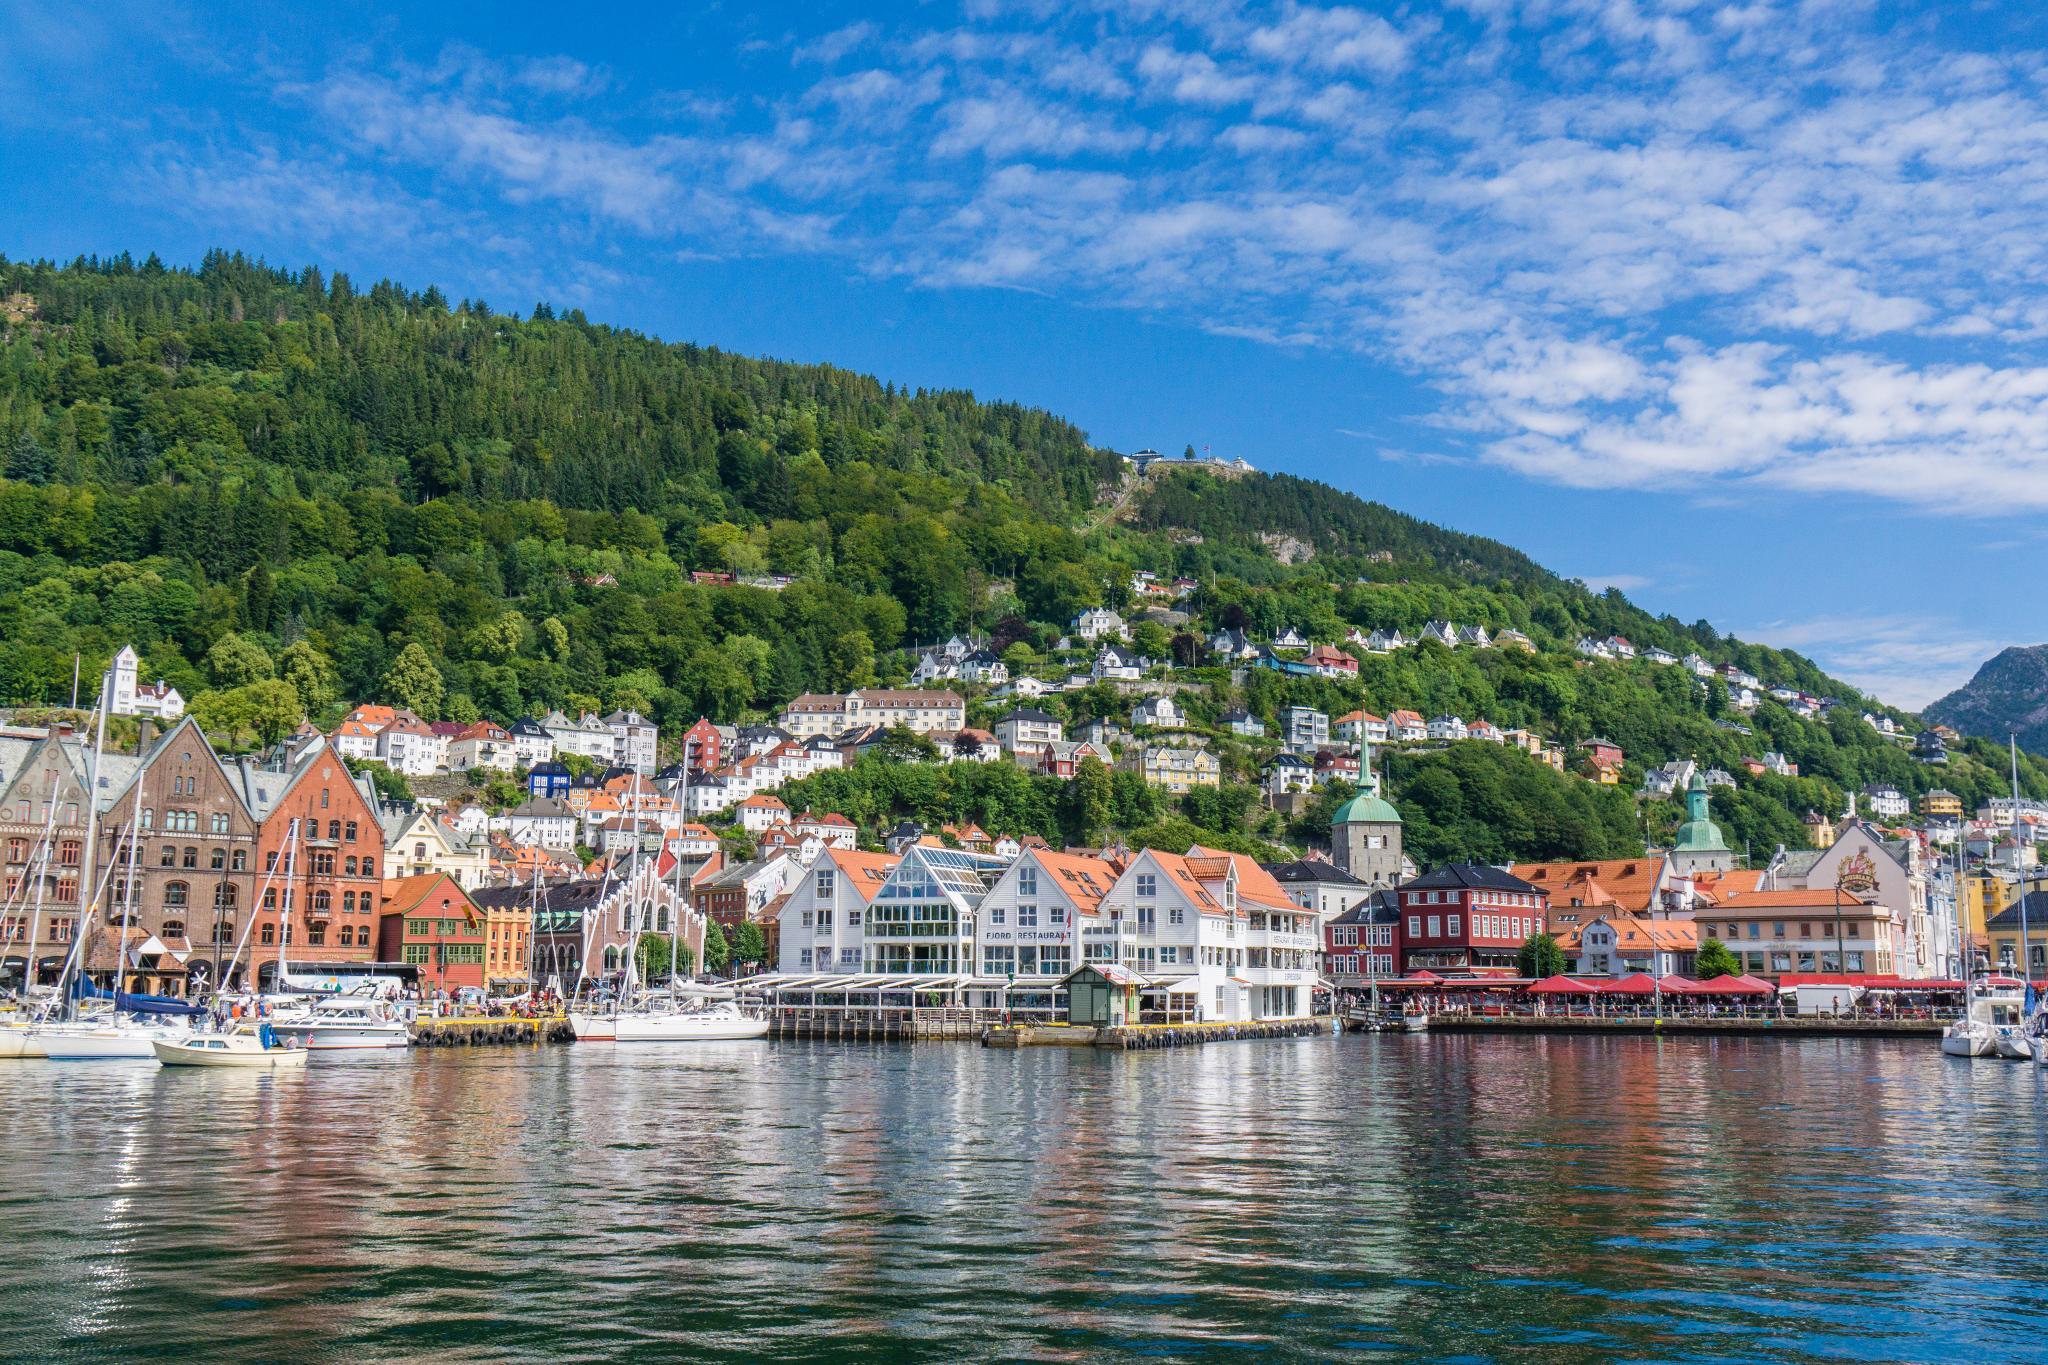 【卑爾根】童話北歐!卑爾根自由行景點全攻略 129